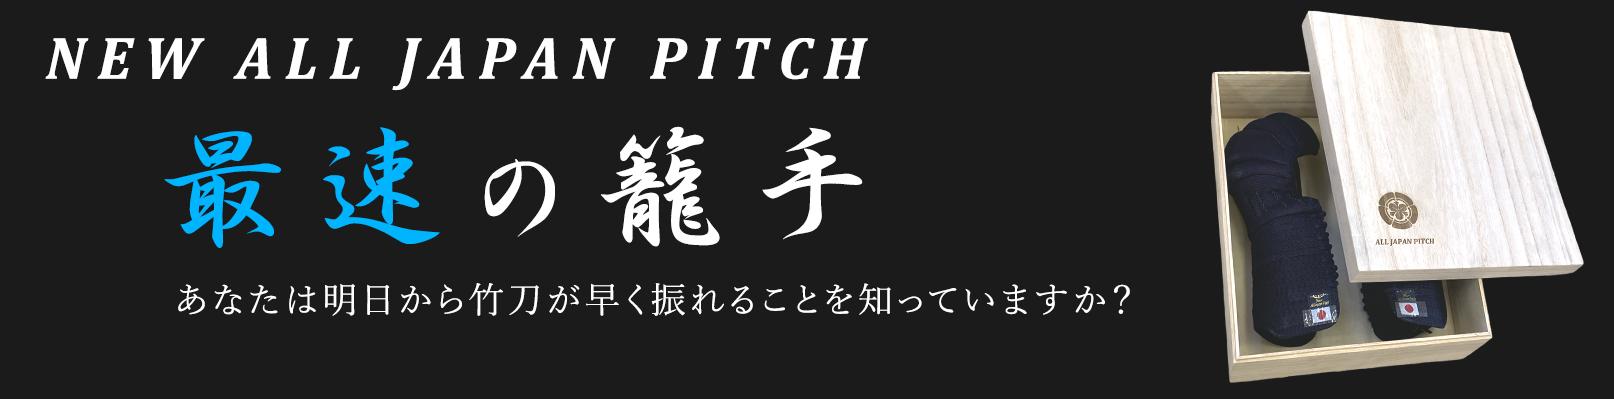 剣道防具 New ALL JAPAN PITCH 最速